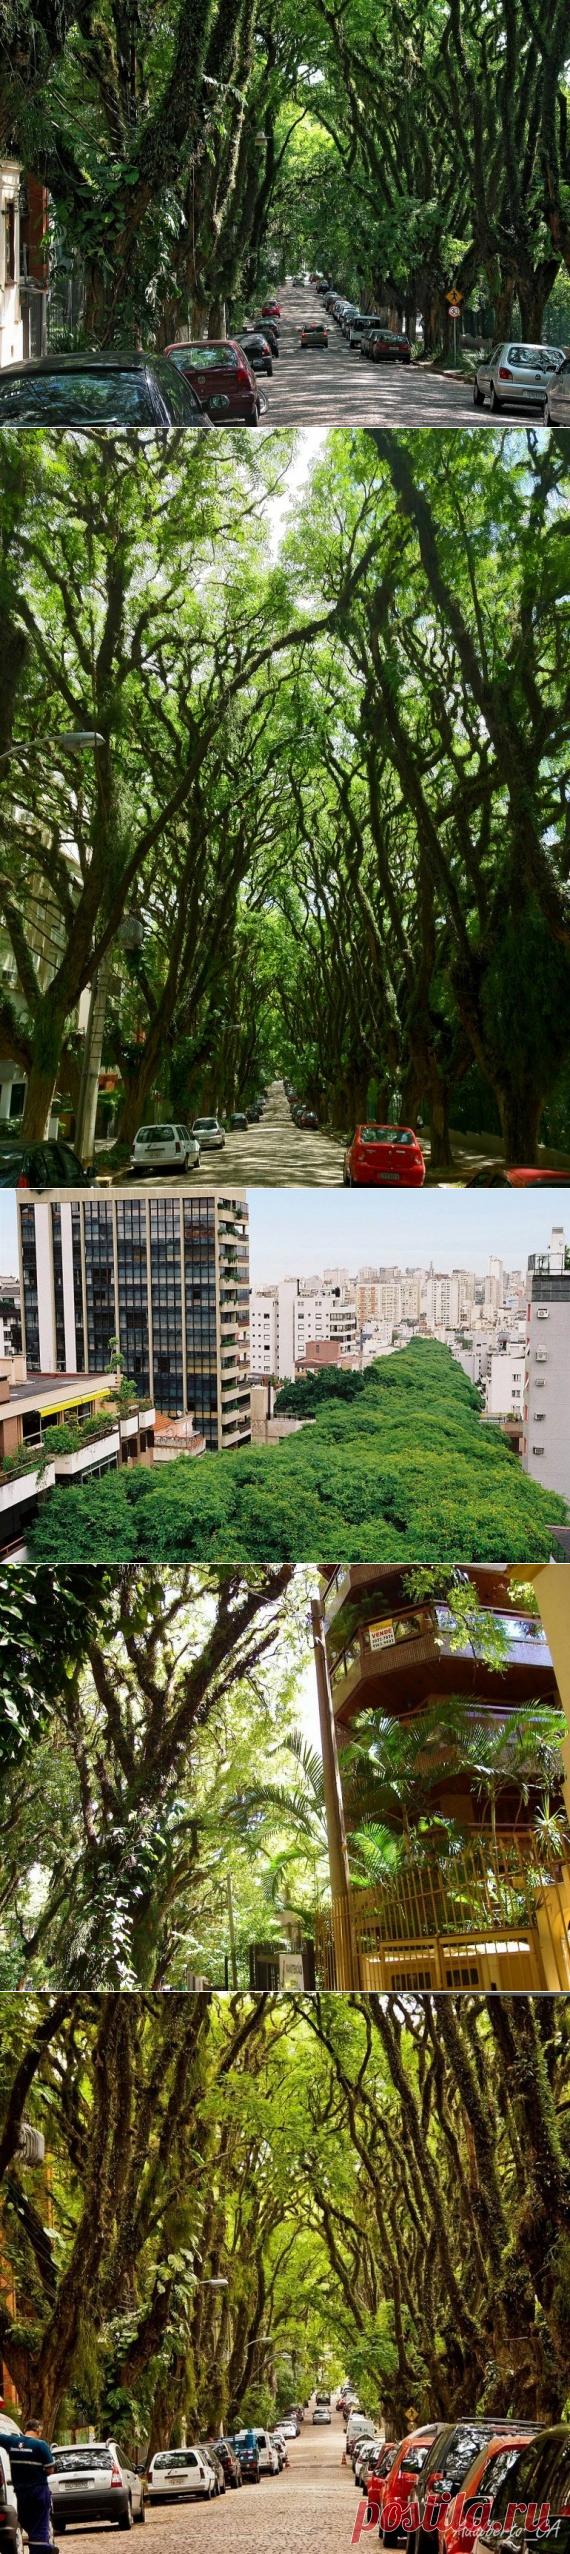 Руа-Гонсалу-де-Карвальо: официально самая красивая улица в мире / Туристический спутник